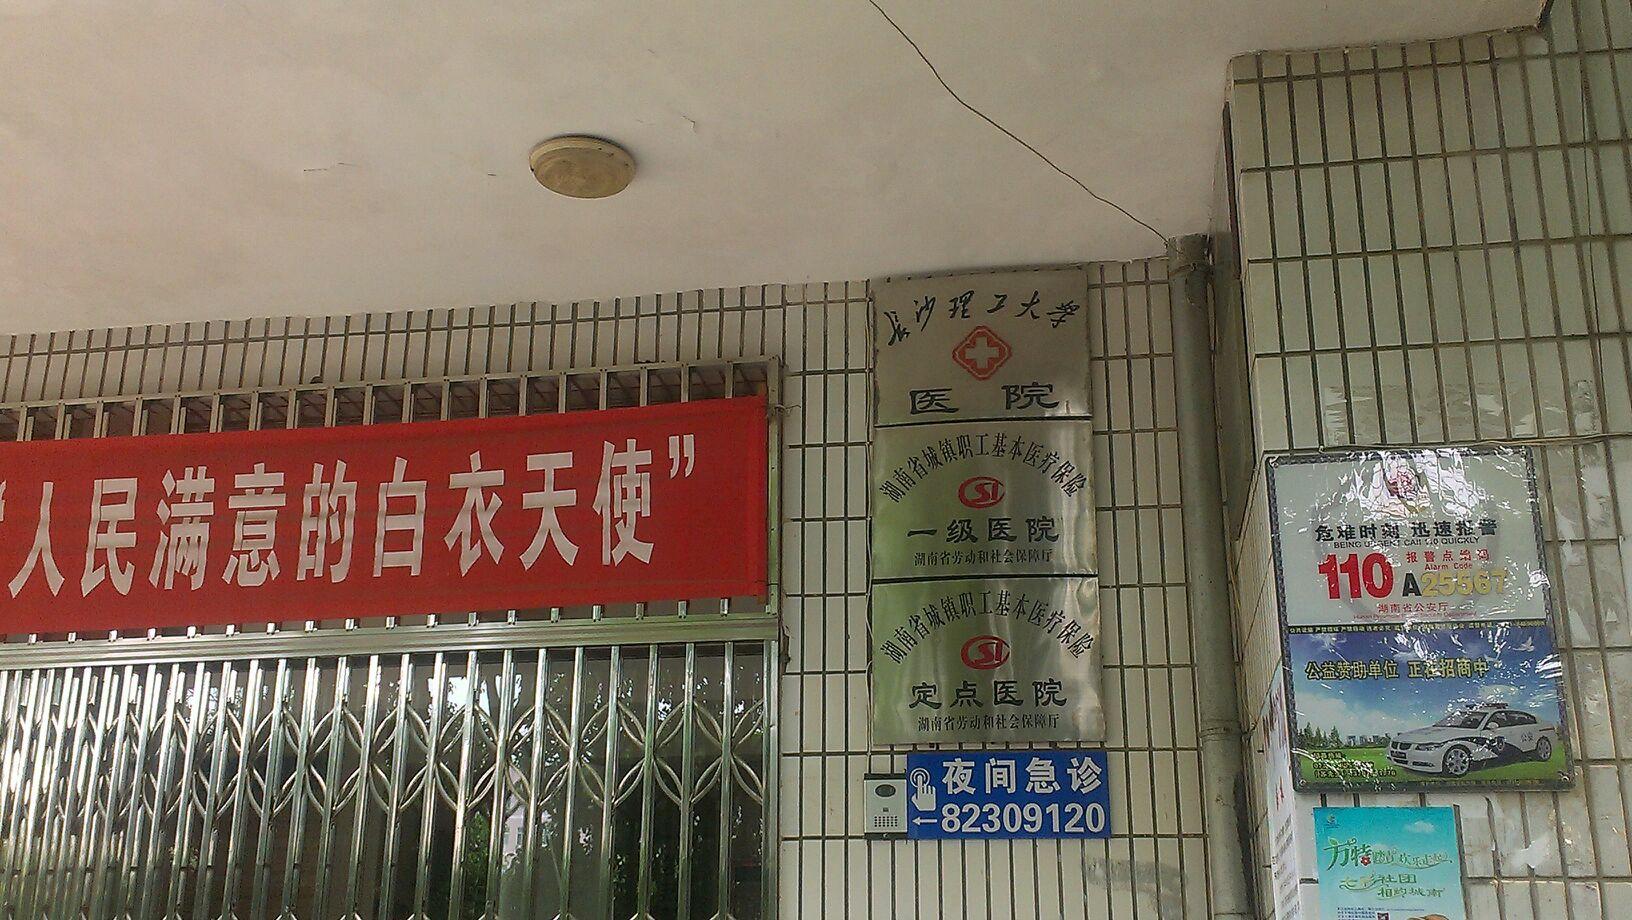 长沙书院国际青年旅舍,位于长沙市天心区宝塔山社区杏花园,比邻湘江